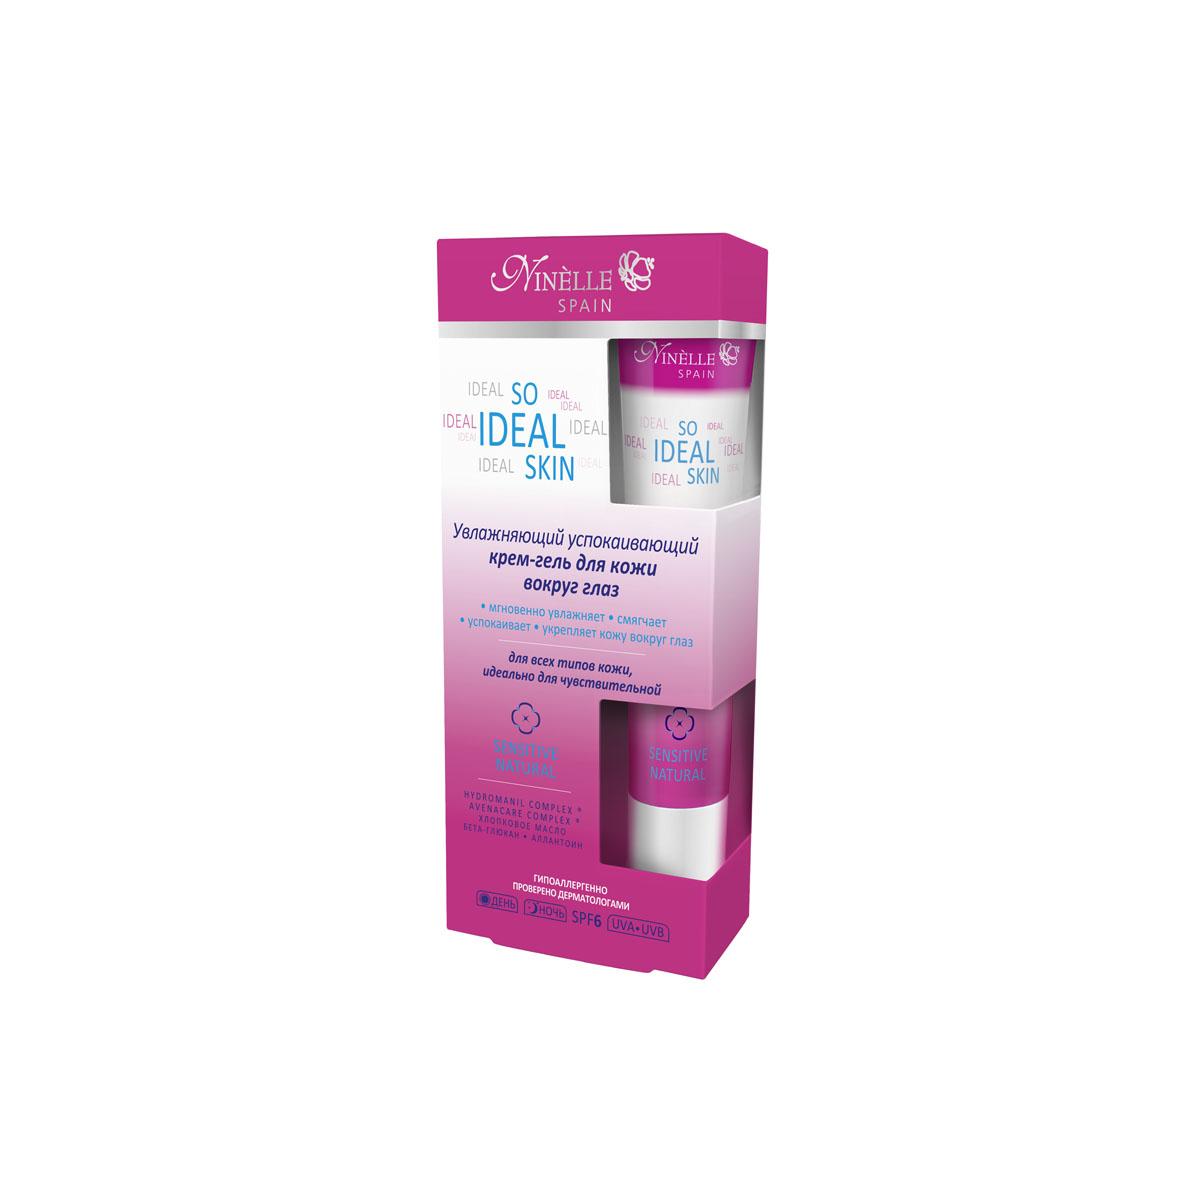 Ninelle So Ideal Skin Увлажняющий успокаивающий крем-гель для кожи вокруг глаз, 15 мл4751006751453Созданный на основе специально разработанной формулы крем-гель для кожи вокруг глаз серии SO IDEAL SKIN эффективно увлажняет кожу контура глаз и помогает снять следы усталости. Средство придает коже эластичность, мягкость и свежесть. Устраняет мешки под глазами, темные круги и мелкие морщинки, а также успокаивает. Содержит Hydromanil complex, Avenacare complex, Хлопковое масло, Бета-глюкан, Аллантоин, SPF6, UVA/UVB защита.